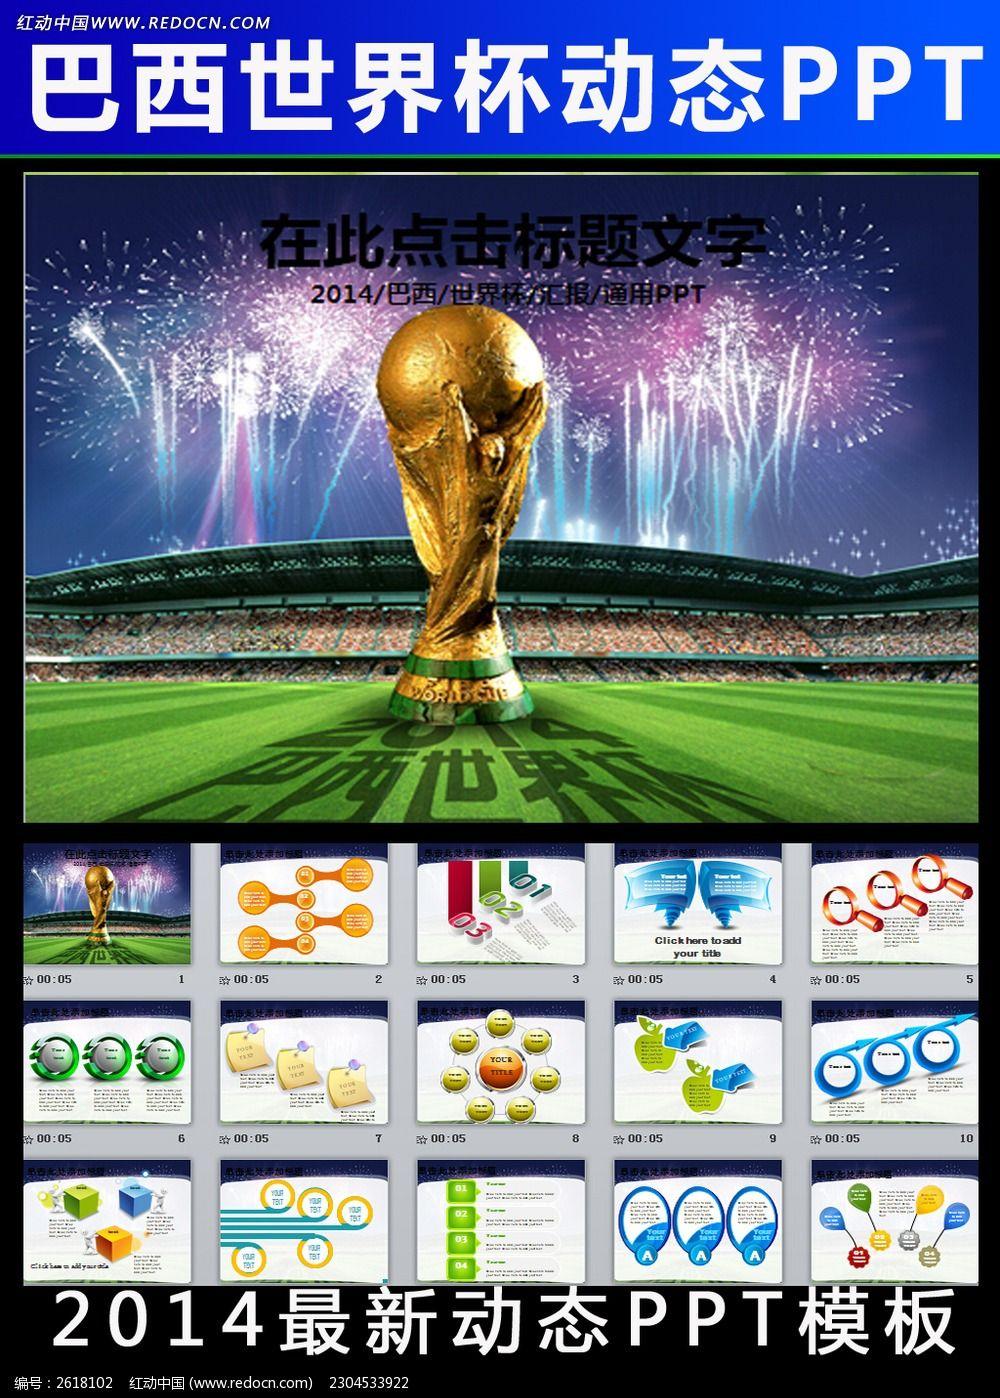 标签:2014世界杯活动PPT模板 世界杯 2014 巴西世界杯 世界杯PPT 图片